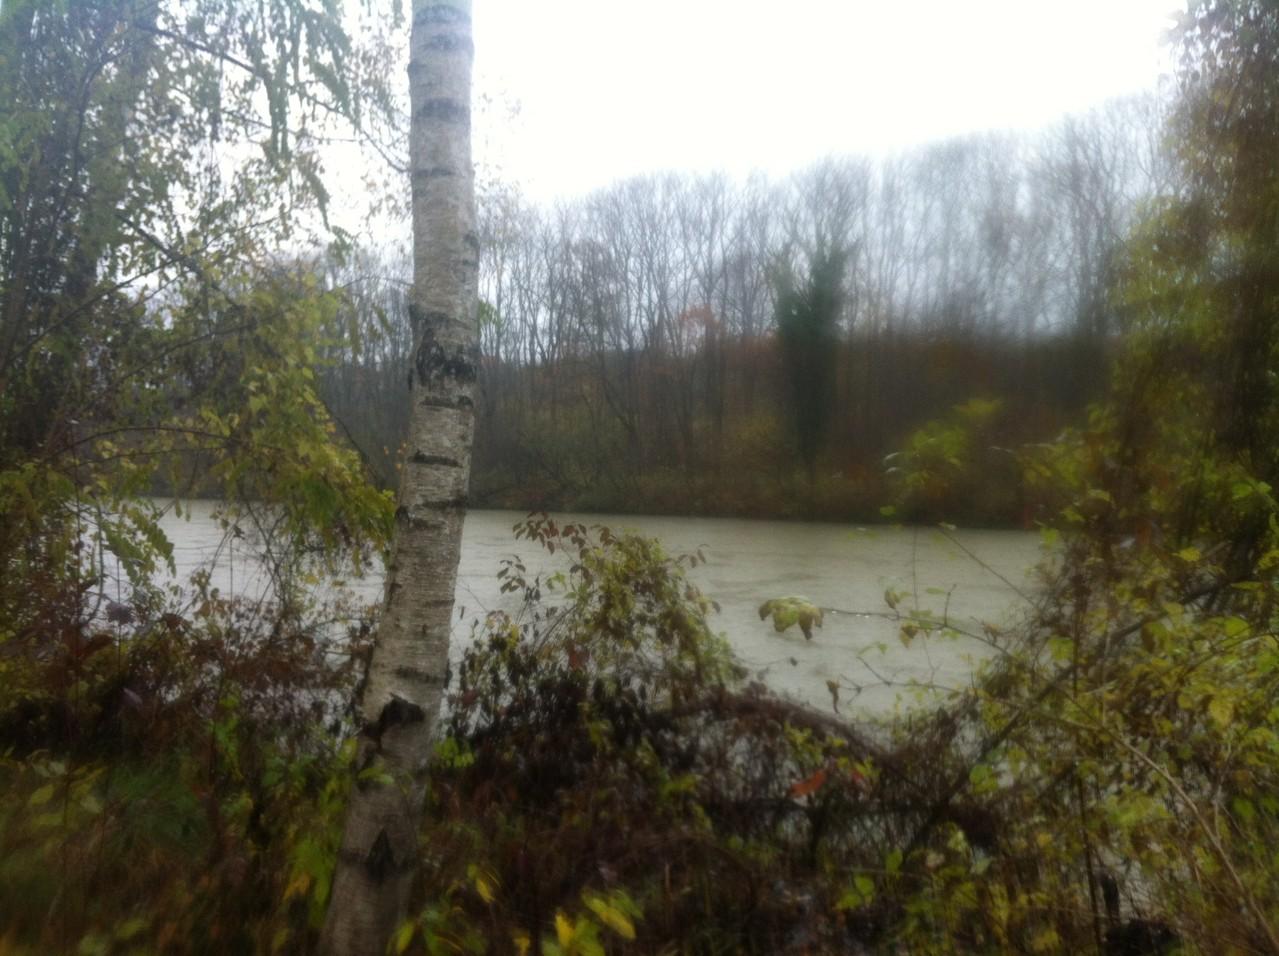 einen kleinen Bildlichen Einblick in die verregnete 10km Strecke in Leipheim.  - Fotos K.K.